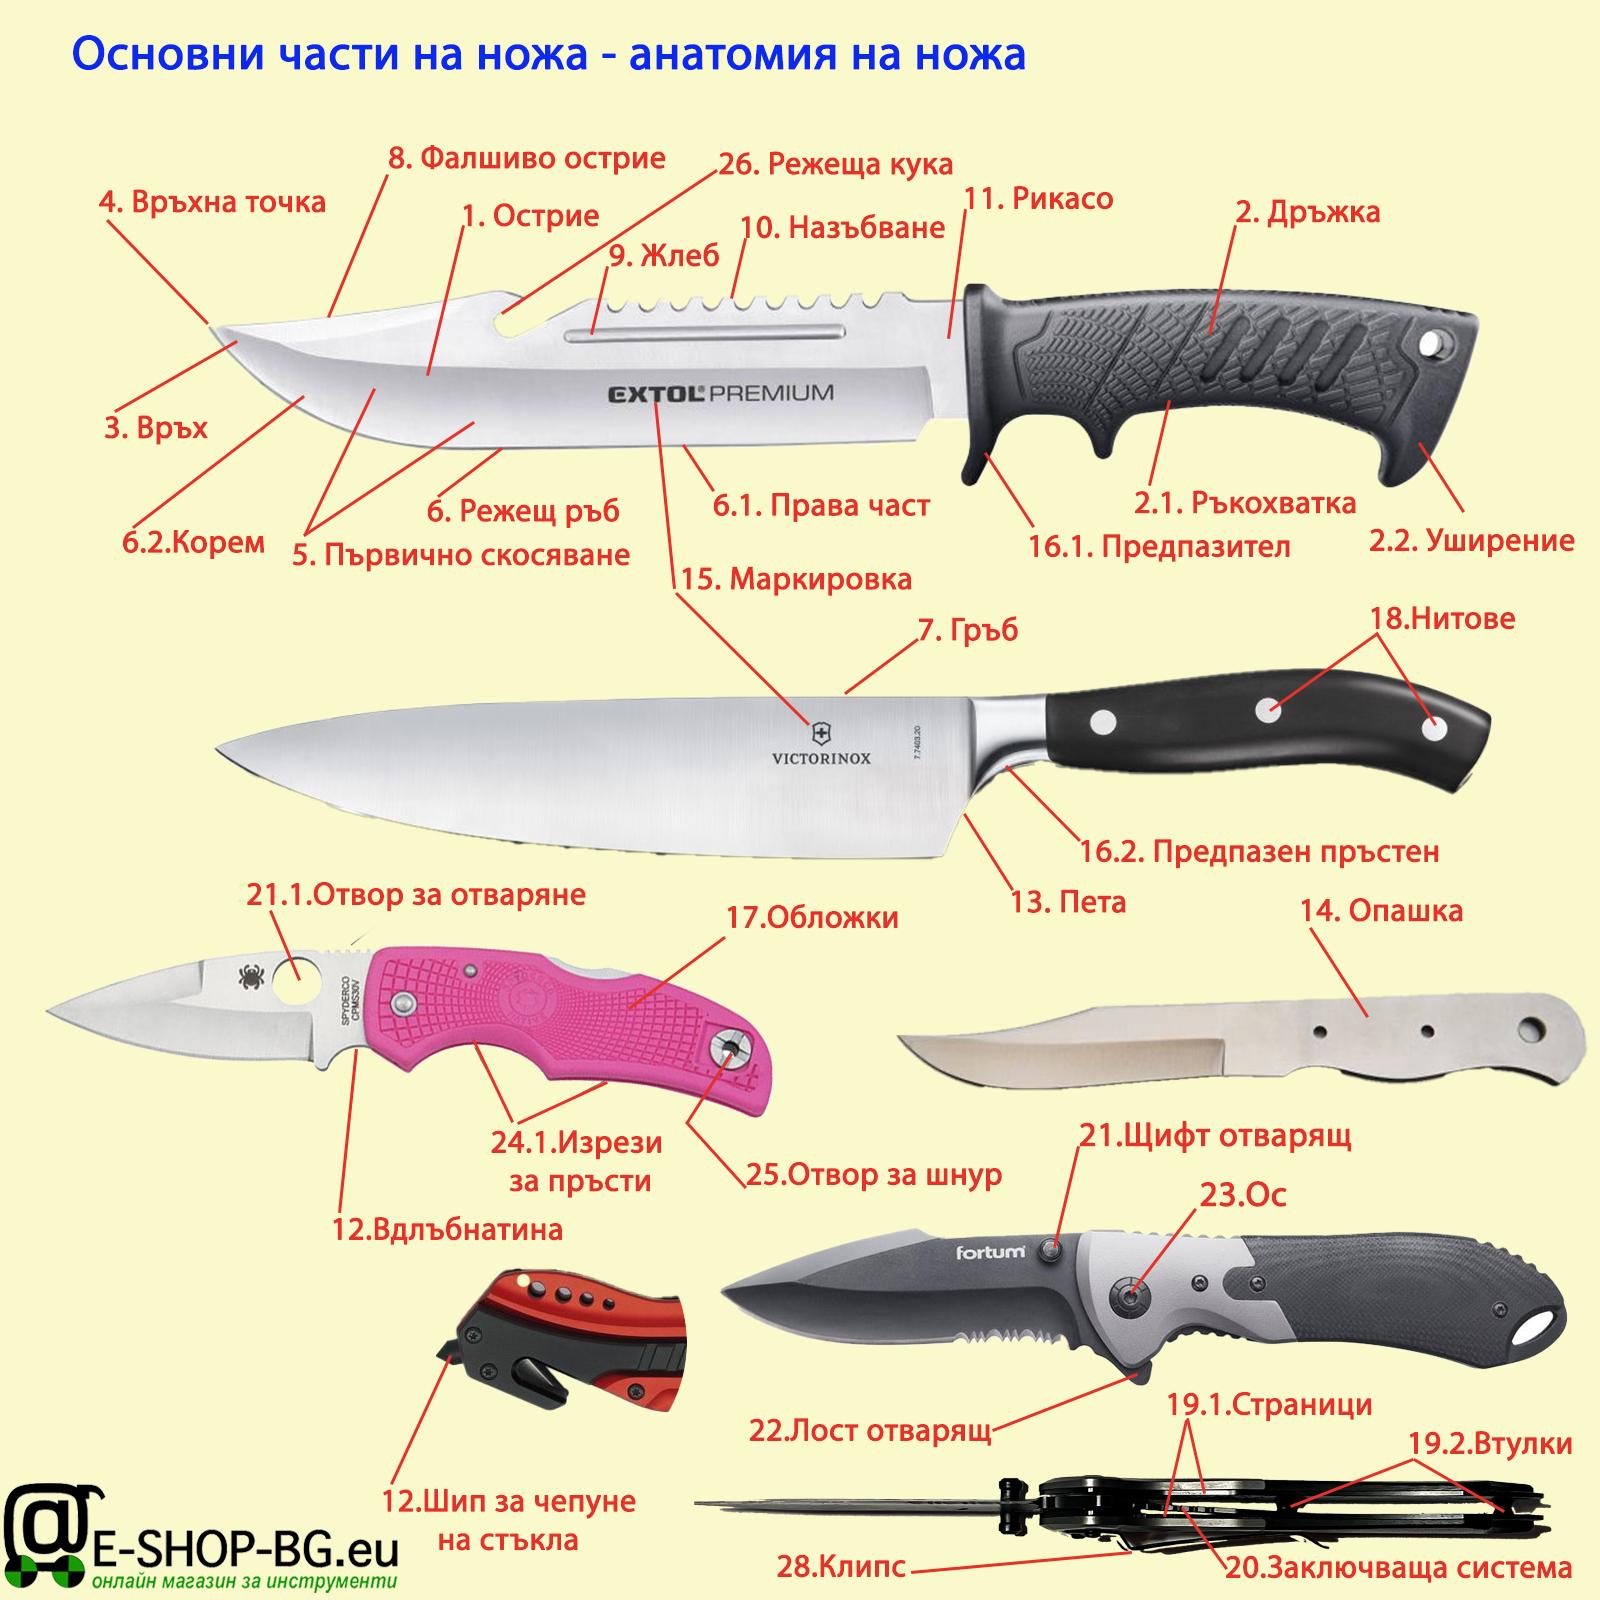 Основни части и елементи на ножове. Анатомия на ножа